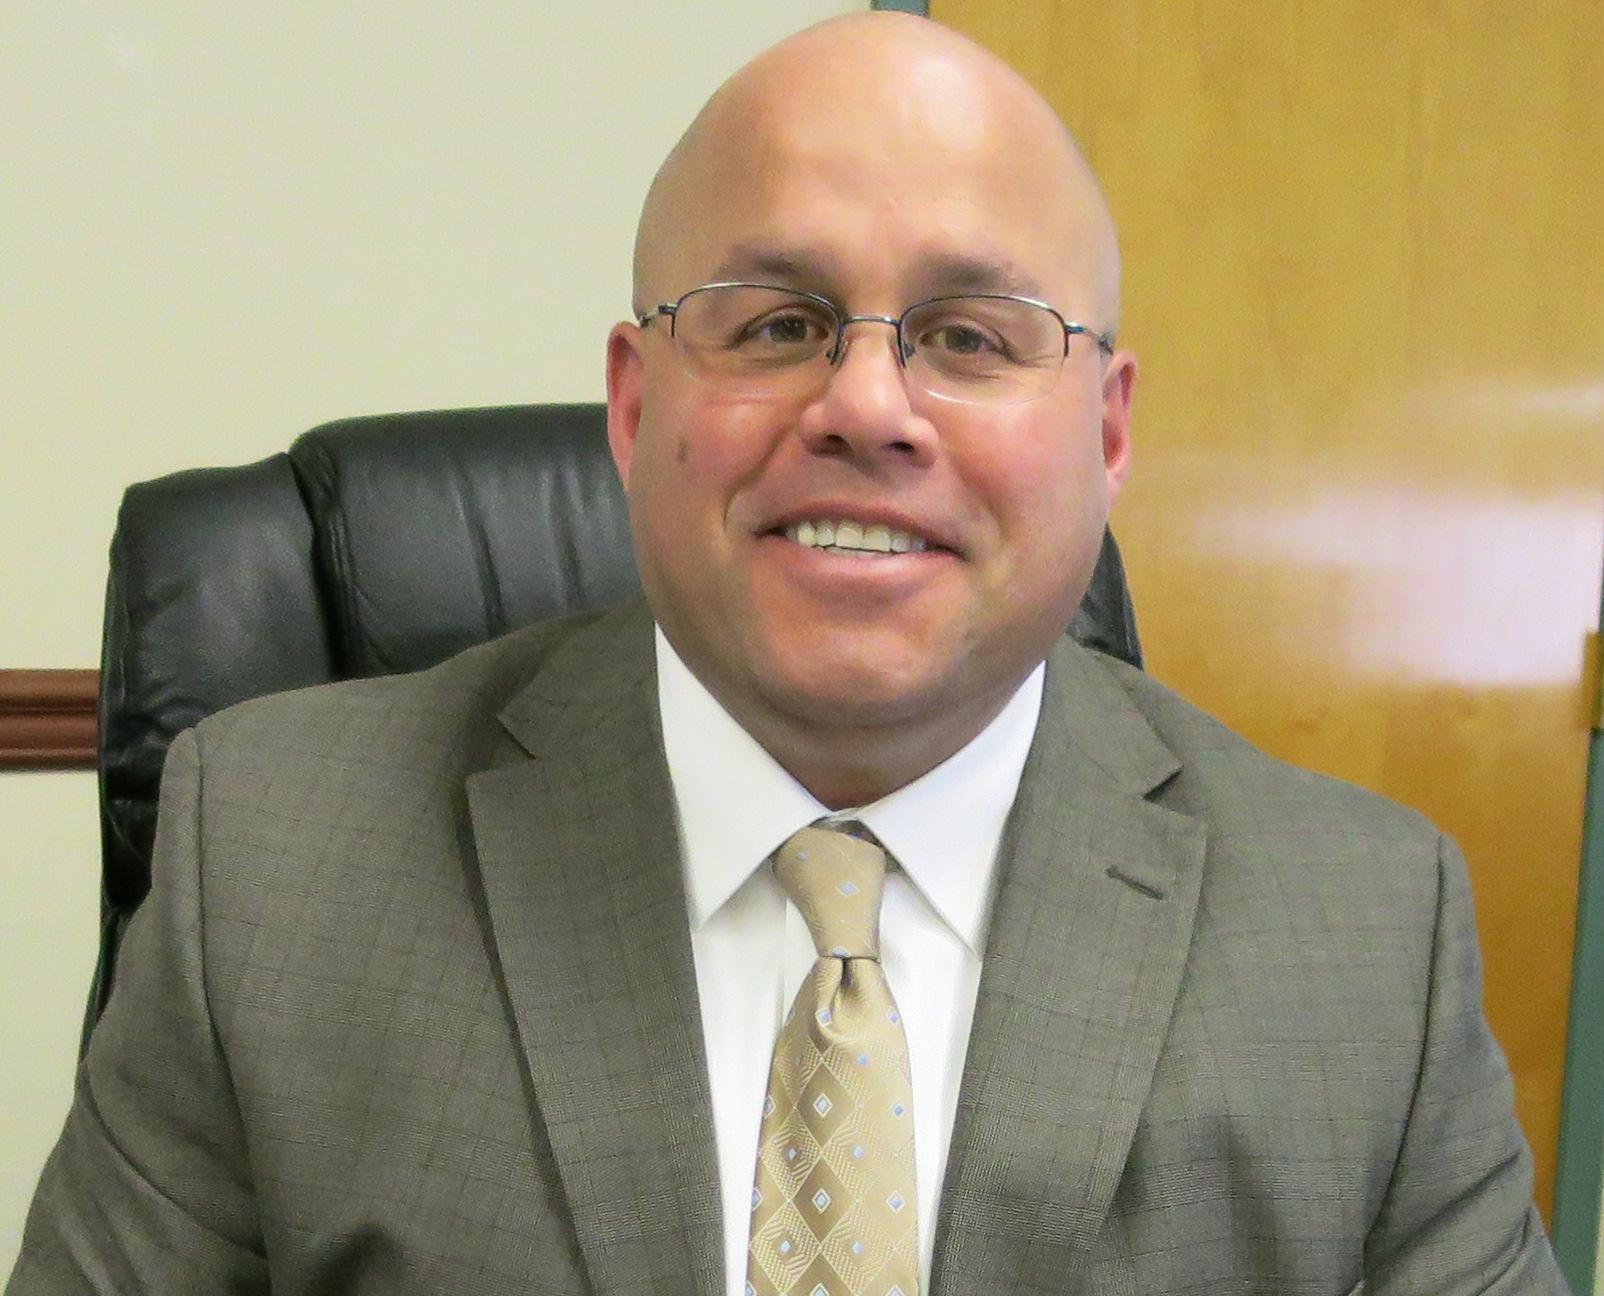 Dr. Hernandez, School Superintendent